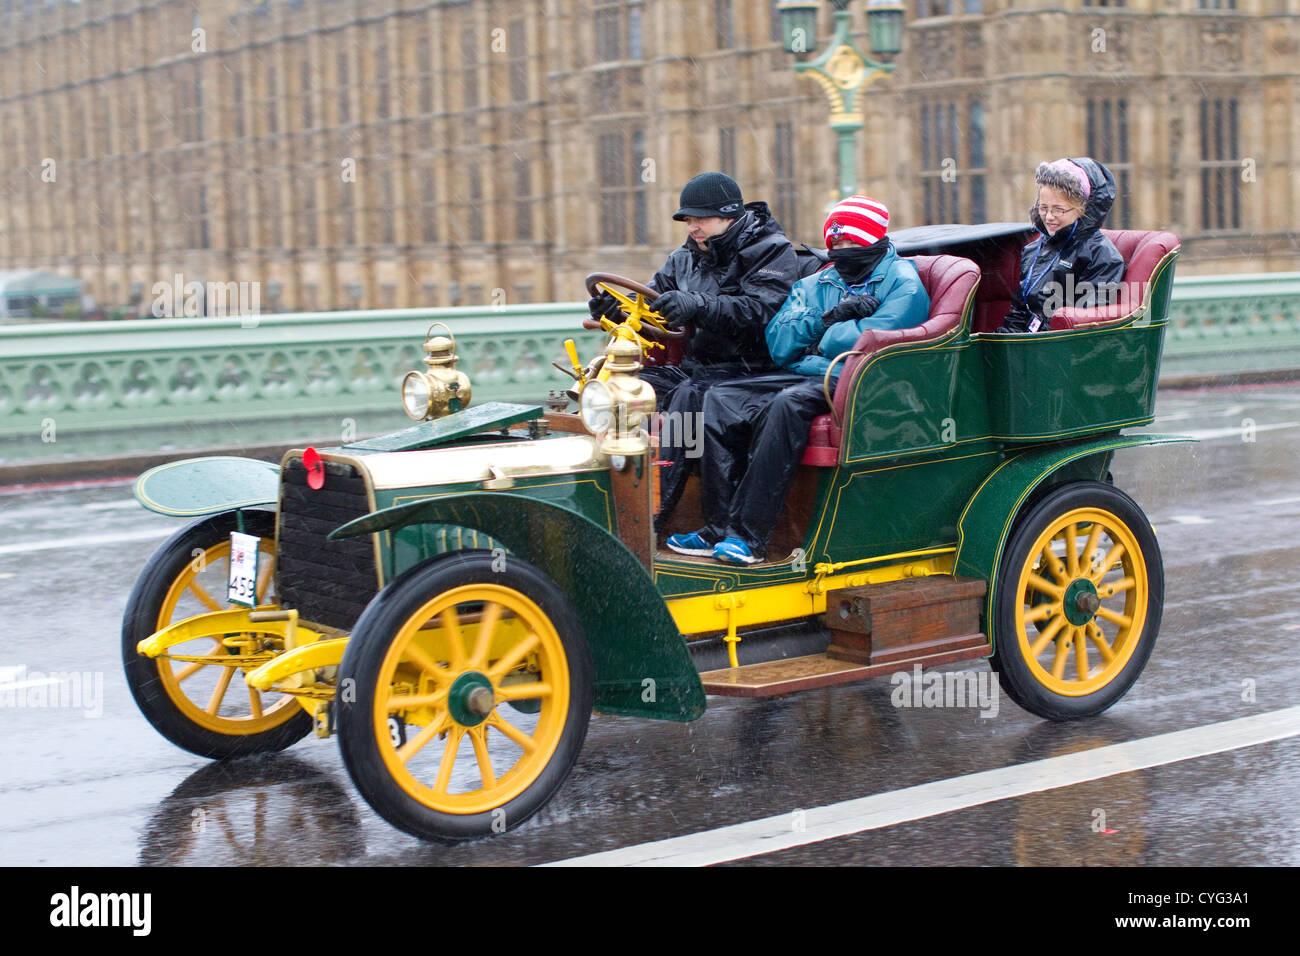 Royal Automobile Club's annual Veteran Car Run London to Brighton. 04.11.2012 Picture shows No.459 a 1904 Darracq - Stock Image